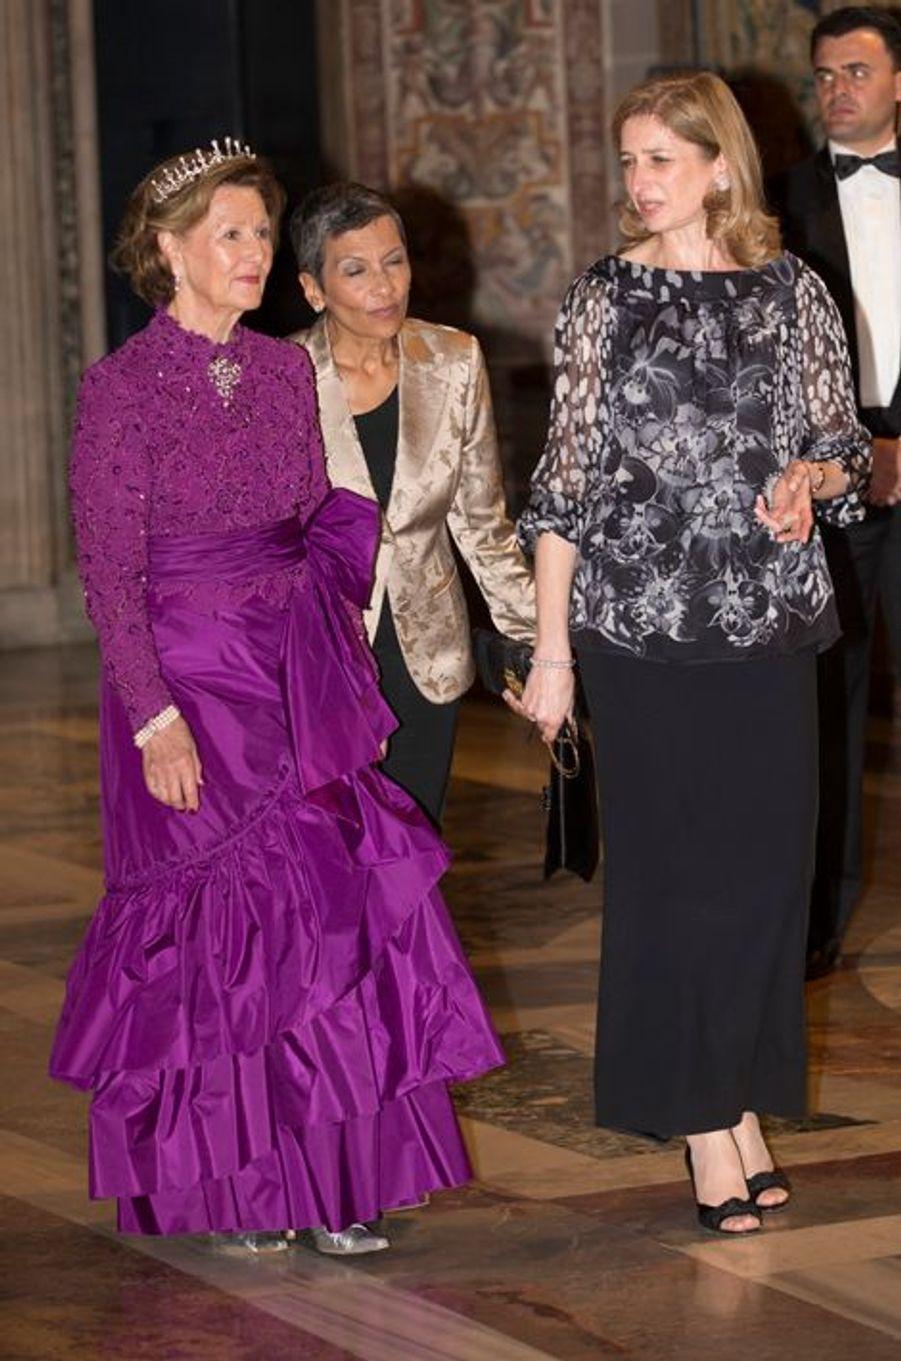 La reine Sonja de Norvège avec Laura Mattarella à Rome, le 6 avril 2016